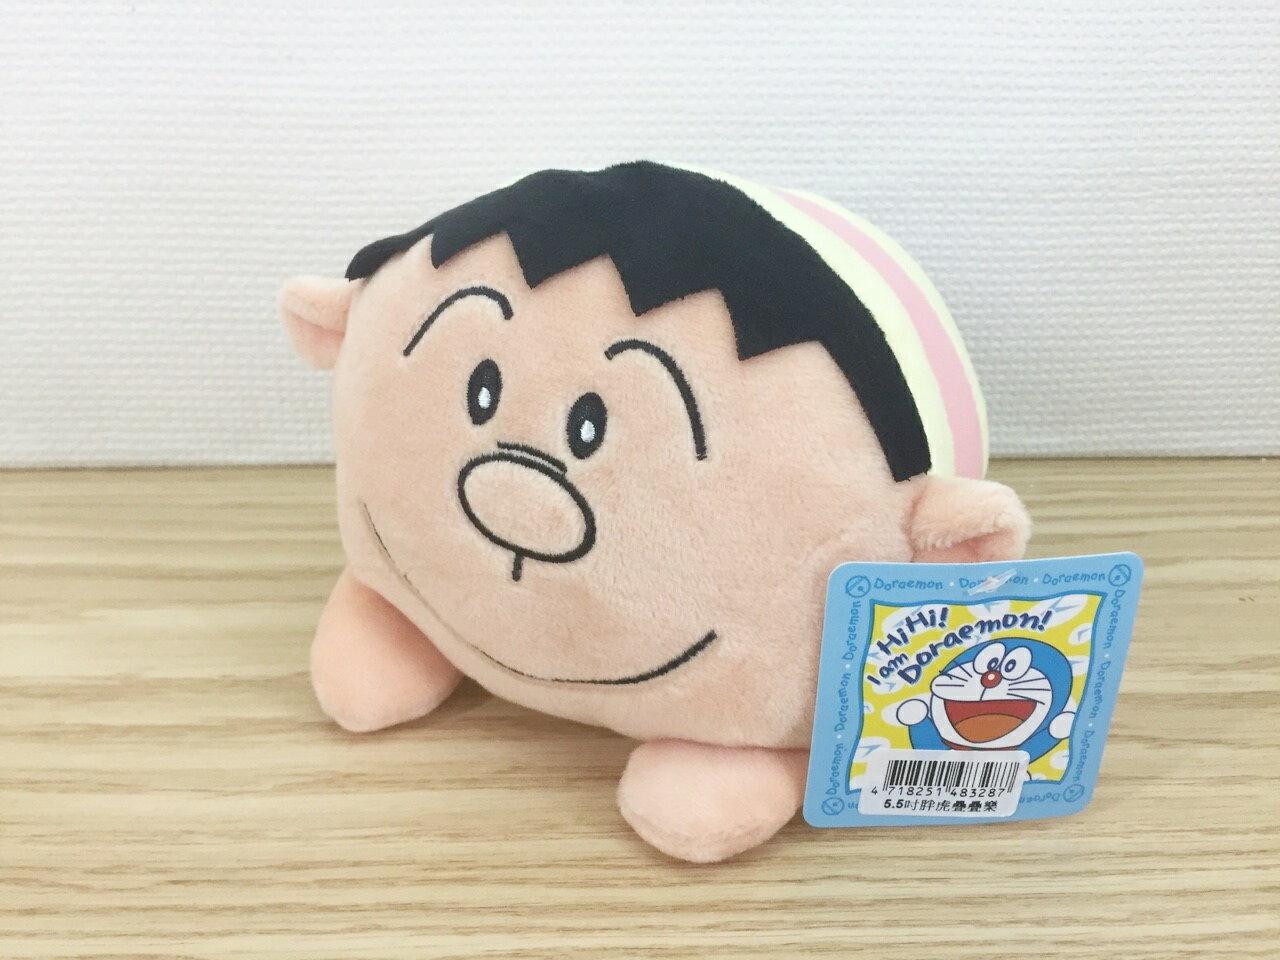 【真愛日本】15112300021 5.5吋TSUM疊疊樂-胖虎 多拉A夢 小叮噹 Doraemon 娃娃 公仔